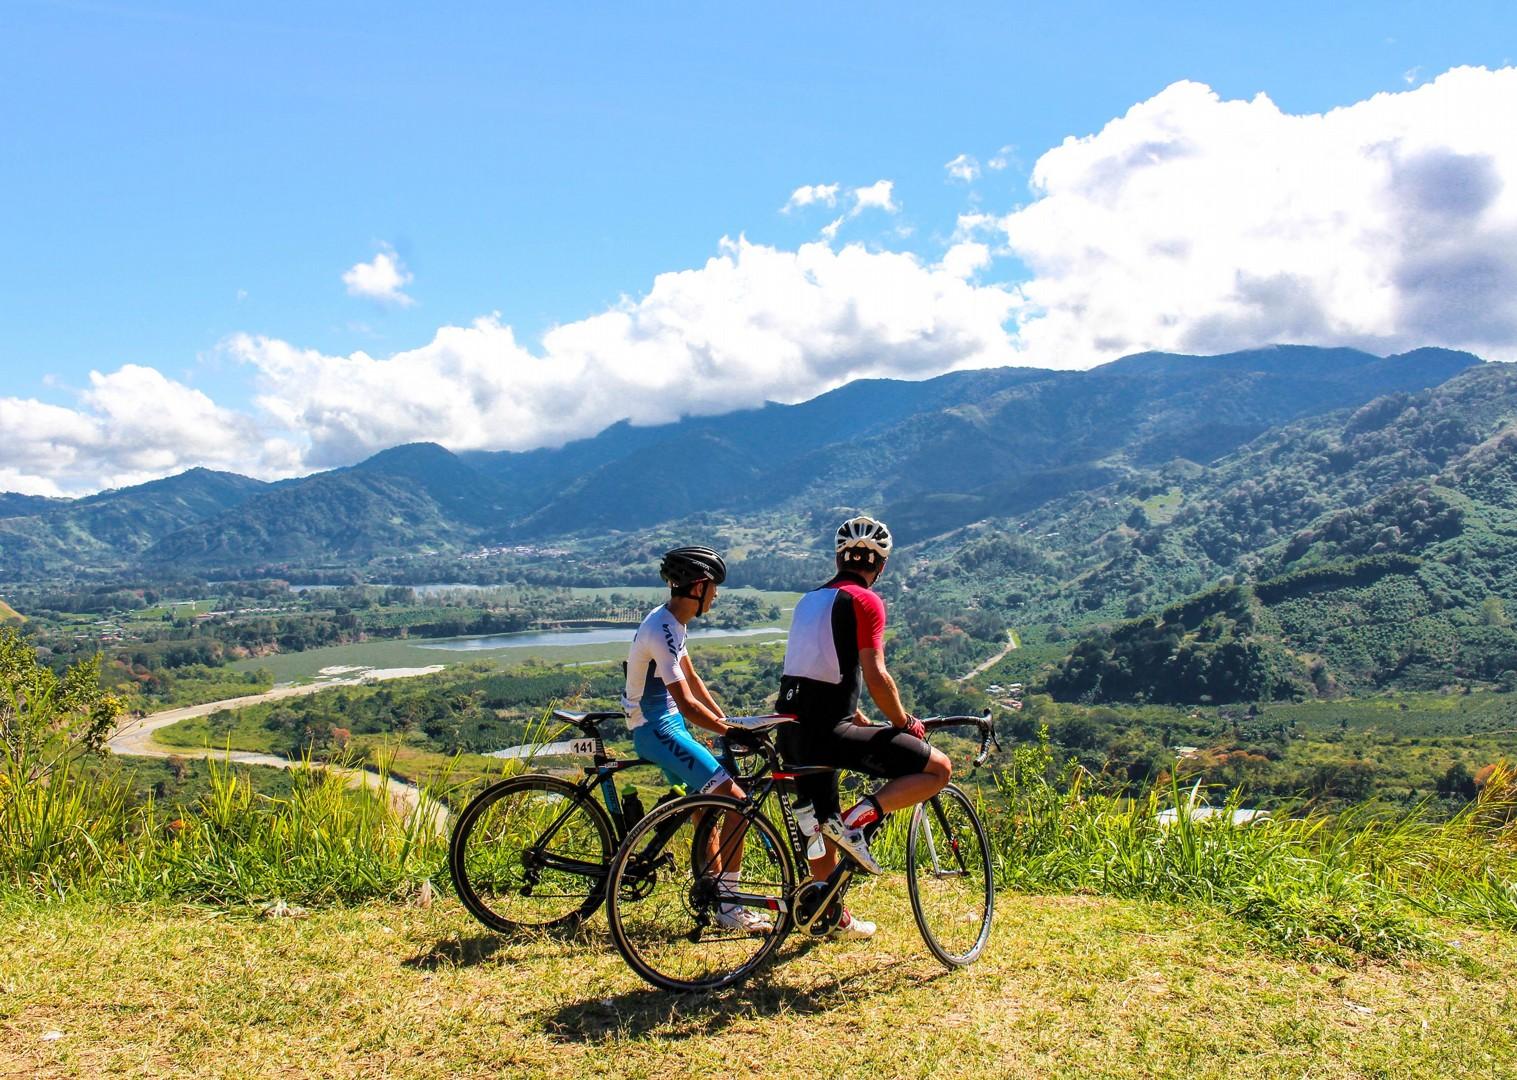 IMG_5915.jpg - Costa Rica - Ruta de los Volcanes - Road Cycling